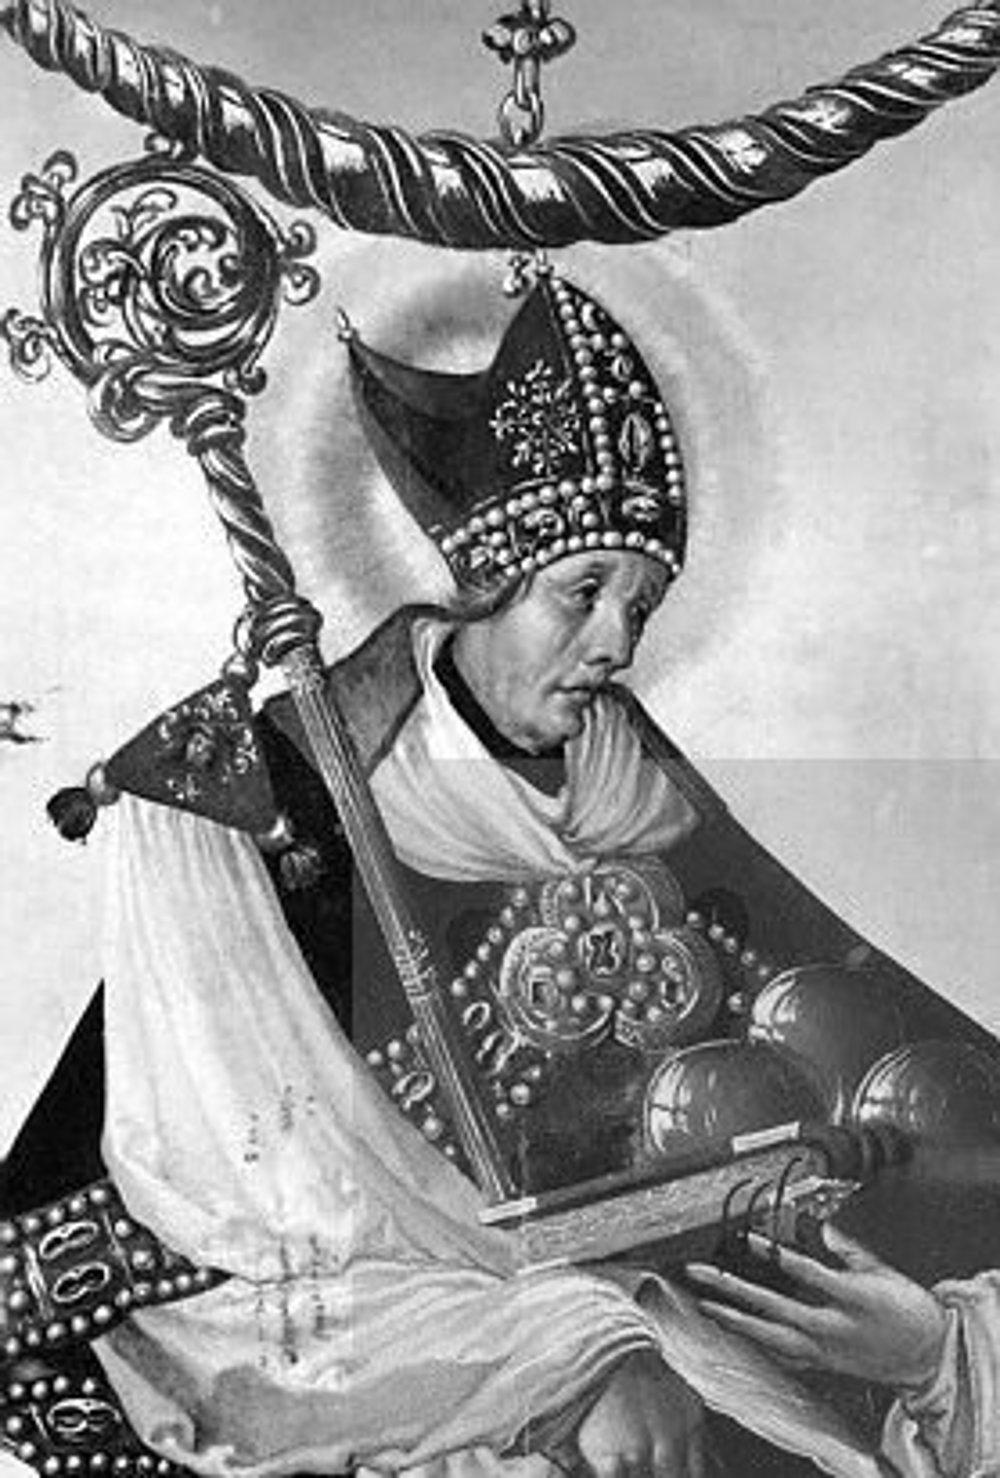 Atribútmi svätého Mikuláša, s ktorými ho zvyčajne znázorňujú, sú odev biskupa, tri mešce peňazí, tri chleby, tri jablká, tri kamene, loď, kormidlo a kotva. Bol totiž patrónom detí, pekárov, námorníkov, majiteľov záložní, lekárnikov a rybárov.